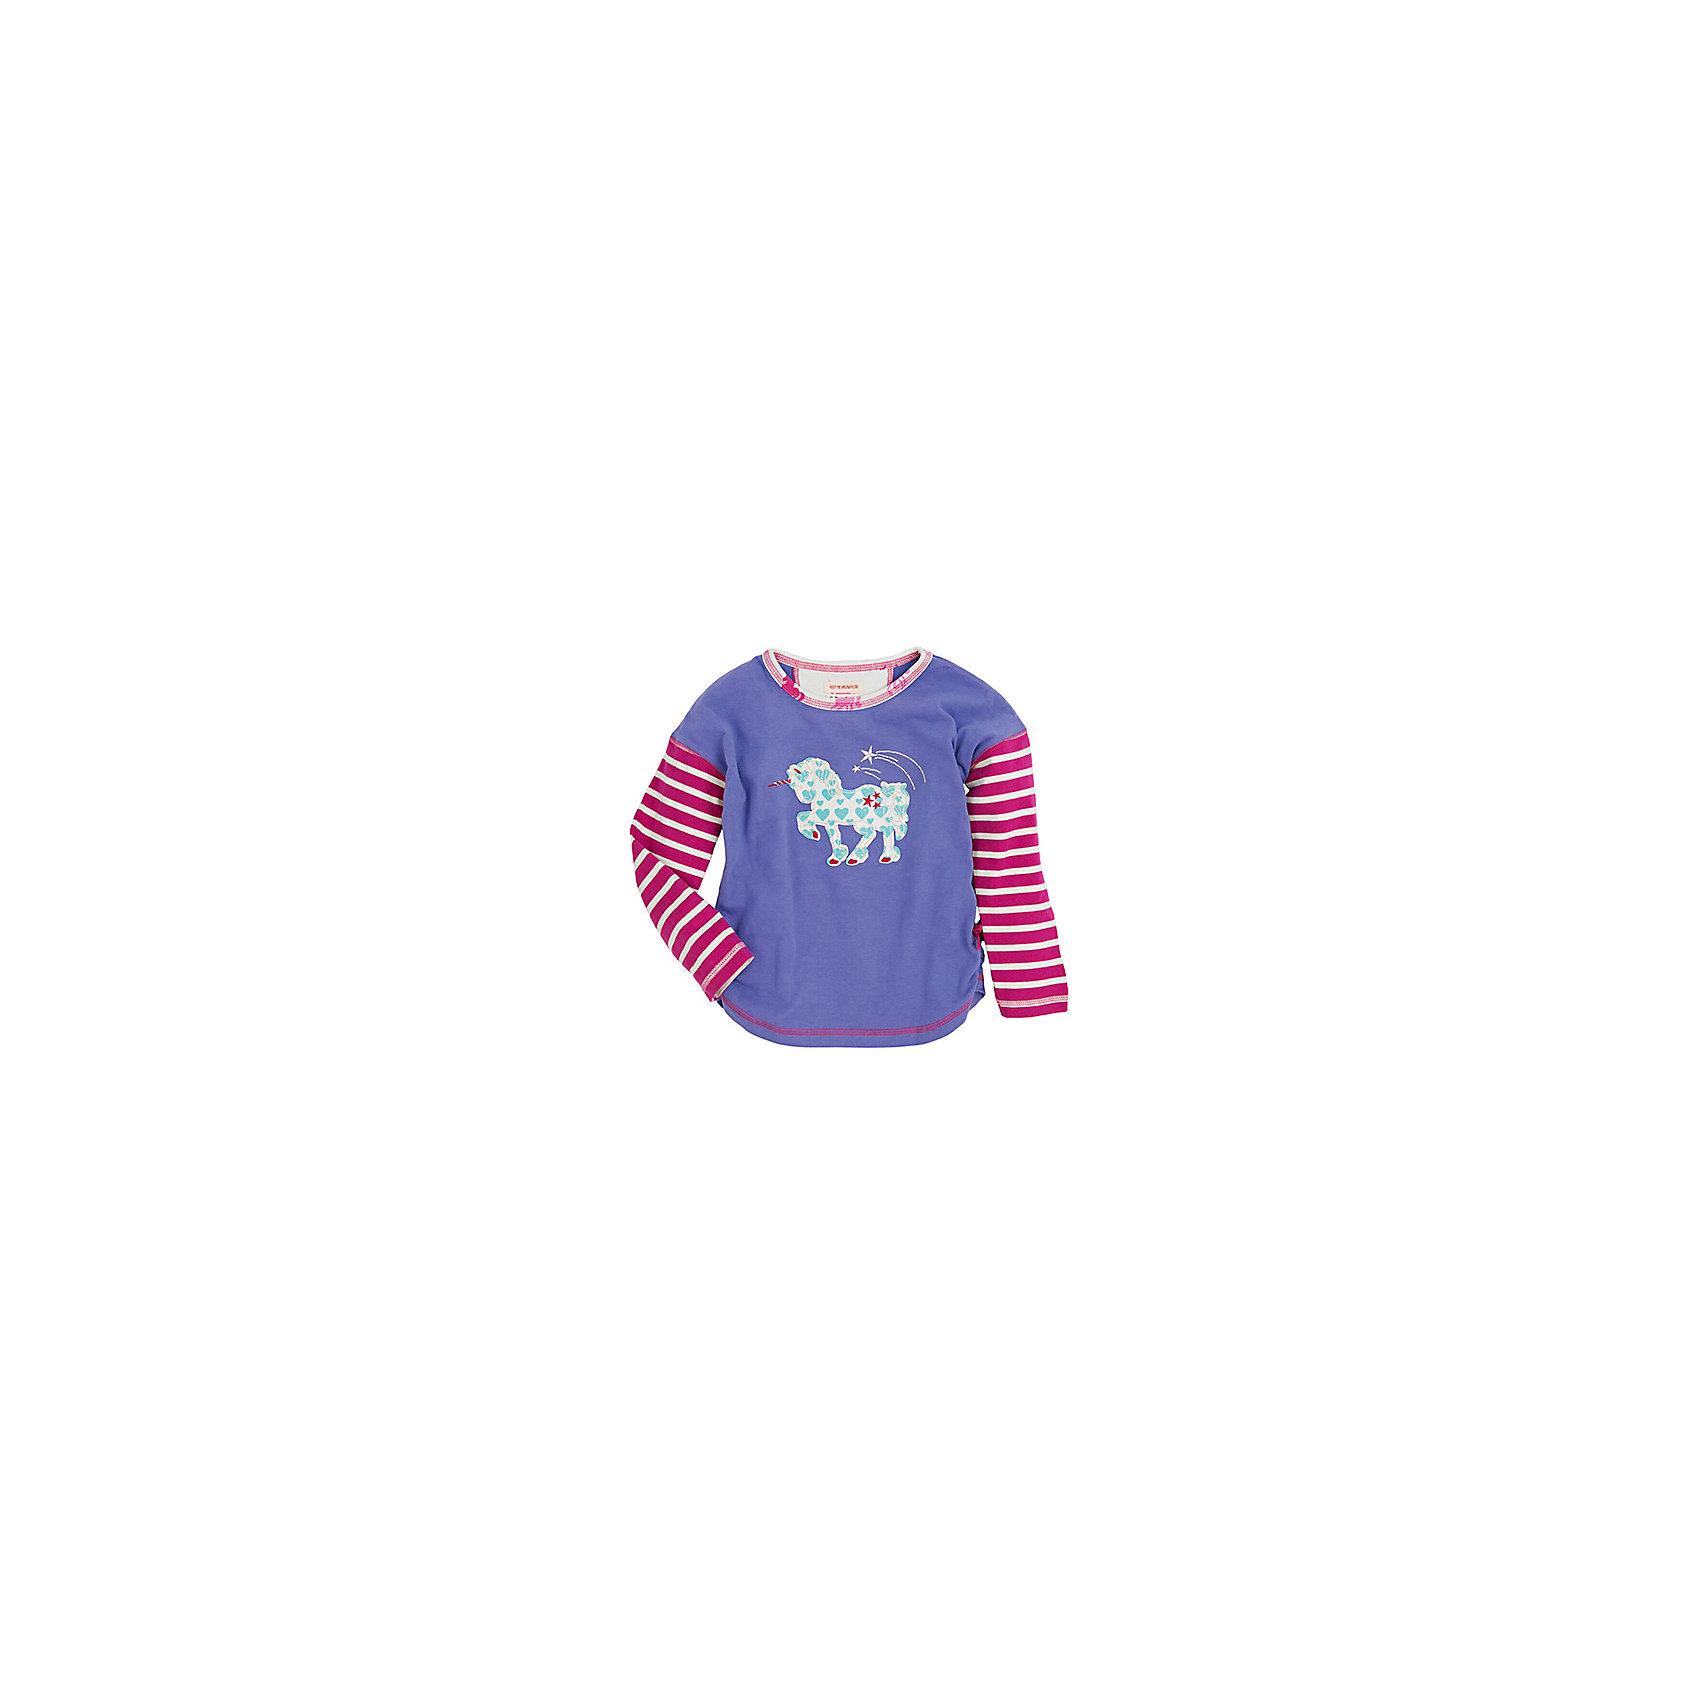 Футболка с длинным рукавом для девочки HatleyФутболки с длинным рукавом<br>Футболка с длинным рукавом для девочки Hatley<br><br>Характеристики:<br><br>• Состав: 100% хлопок<br>• Цвет: сиреневый, красный<br><br>Красивая и модная футболка с длинными рукавами идеально подойдет для летней прохладной погоды или для носки в помещении. Благодаря тому, что ткань натуральная и не вызывает аллергии, ребенок сможет бегать и прыгать, не боясь, что вспотеет и на коже будут раздражения. Яркий и забавный принт-аппликация с Единорогом делает футболку еще и очень привлекательной. Рукава словно вставлены в кофту или под футболкой есть дополнительная водолазка. Такой стиль очень нравится детям.<br><br>Футболку с длинным рукавом для девочки Hatley можно купить в нашем интернет-магазине.<br><br>Ширина мм: 230<br>Глубина мм: 40<br>Высота мм: 220<br>Вес г: 250<br>Цвет: сиреневый<br>Возраст от месяцев: 60<br>Возраст до месяцев: 72<br>Пол: Женский<br>Возраст: Детский<br>Размер: 116,110,98,104,92,122,128<br>SKU: 5020632